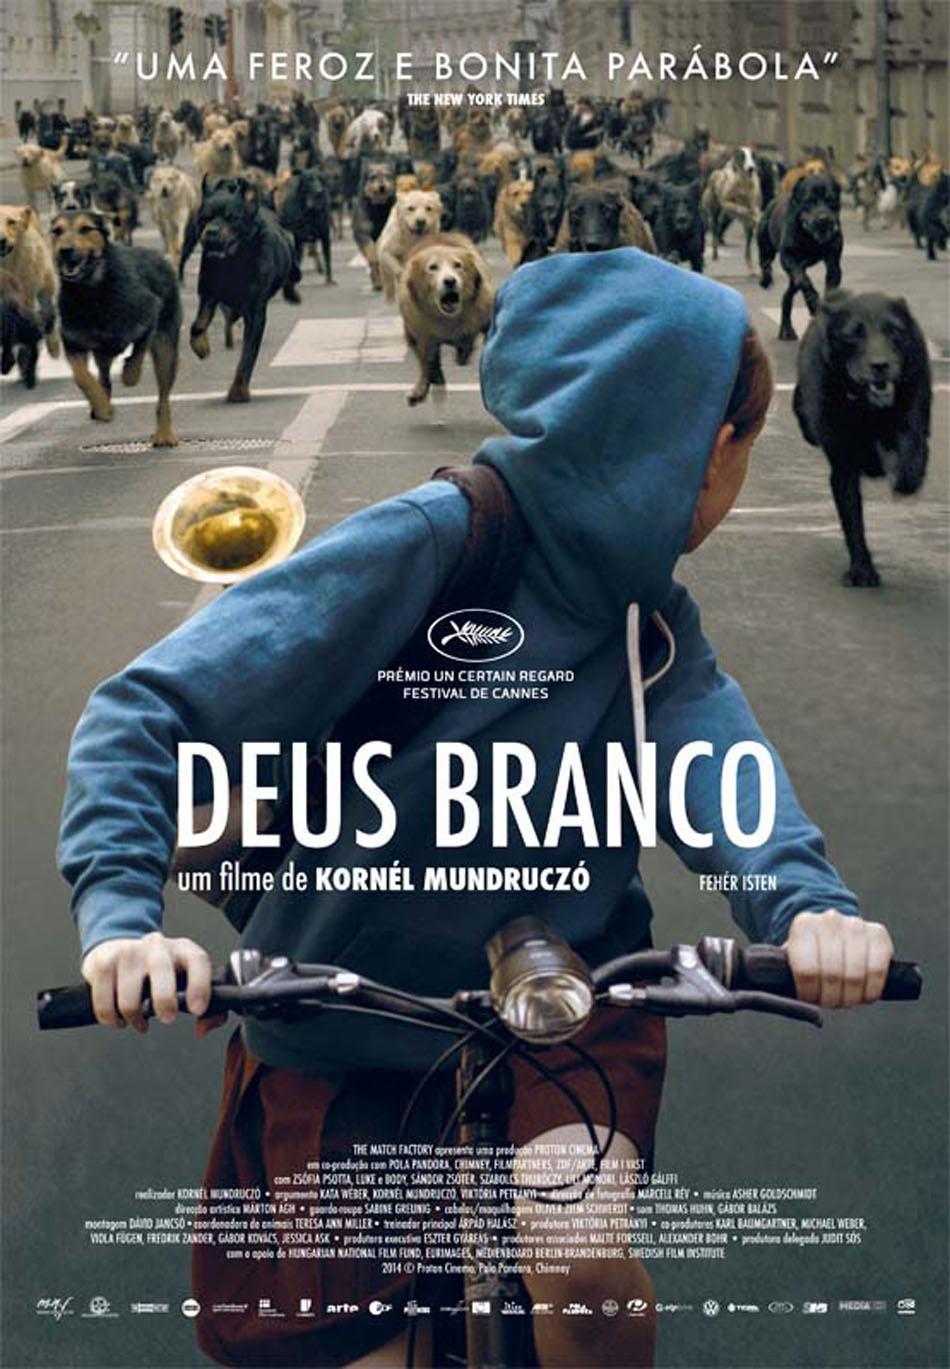 DEUS BRANCO